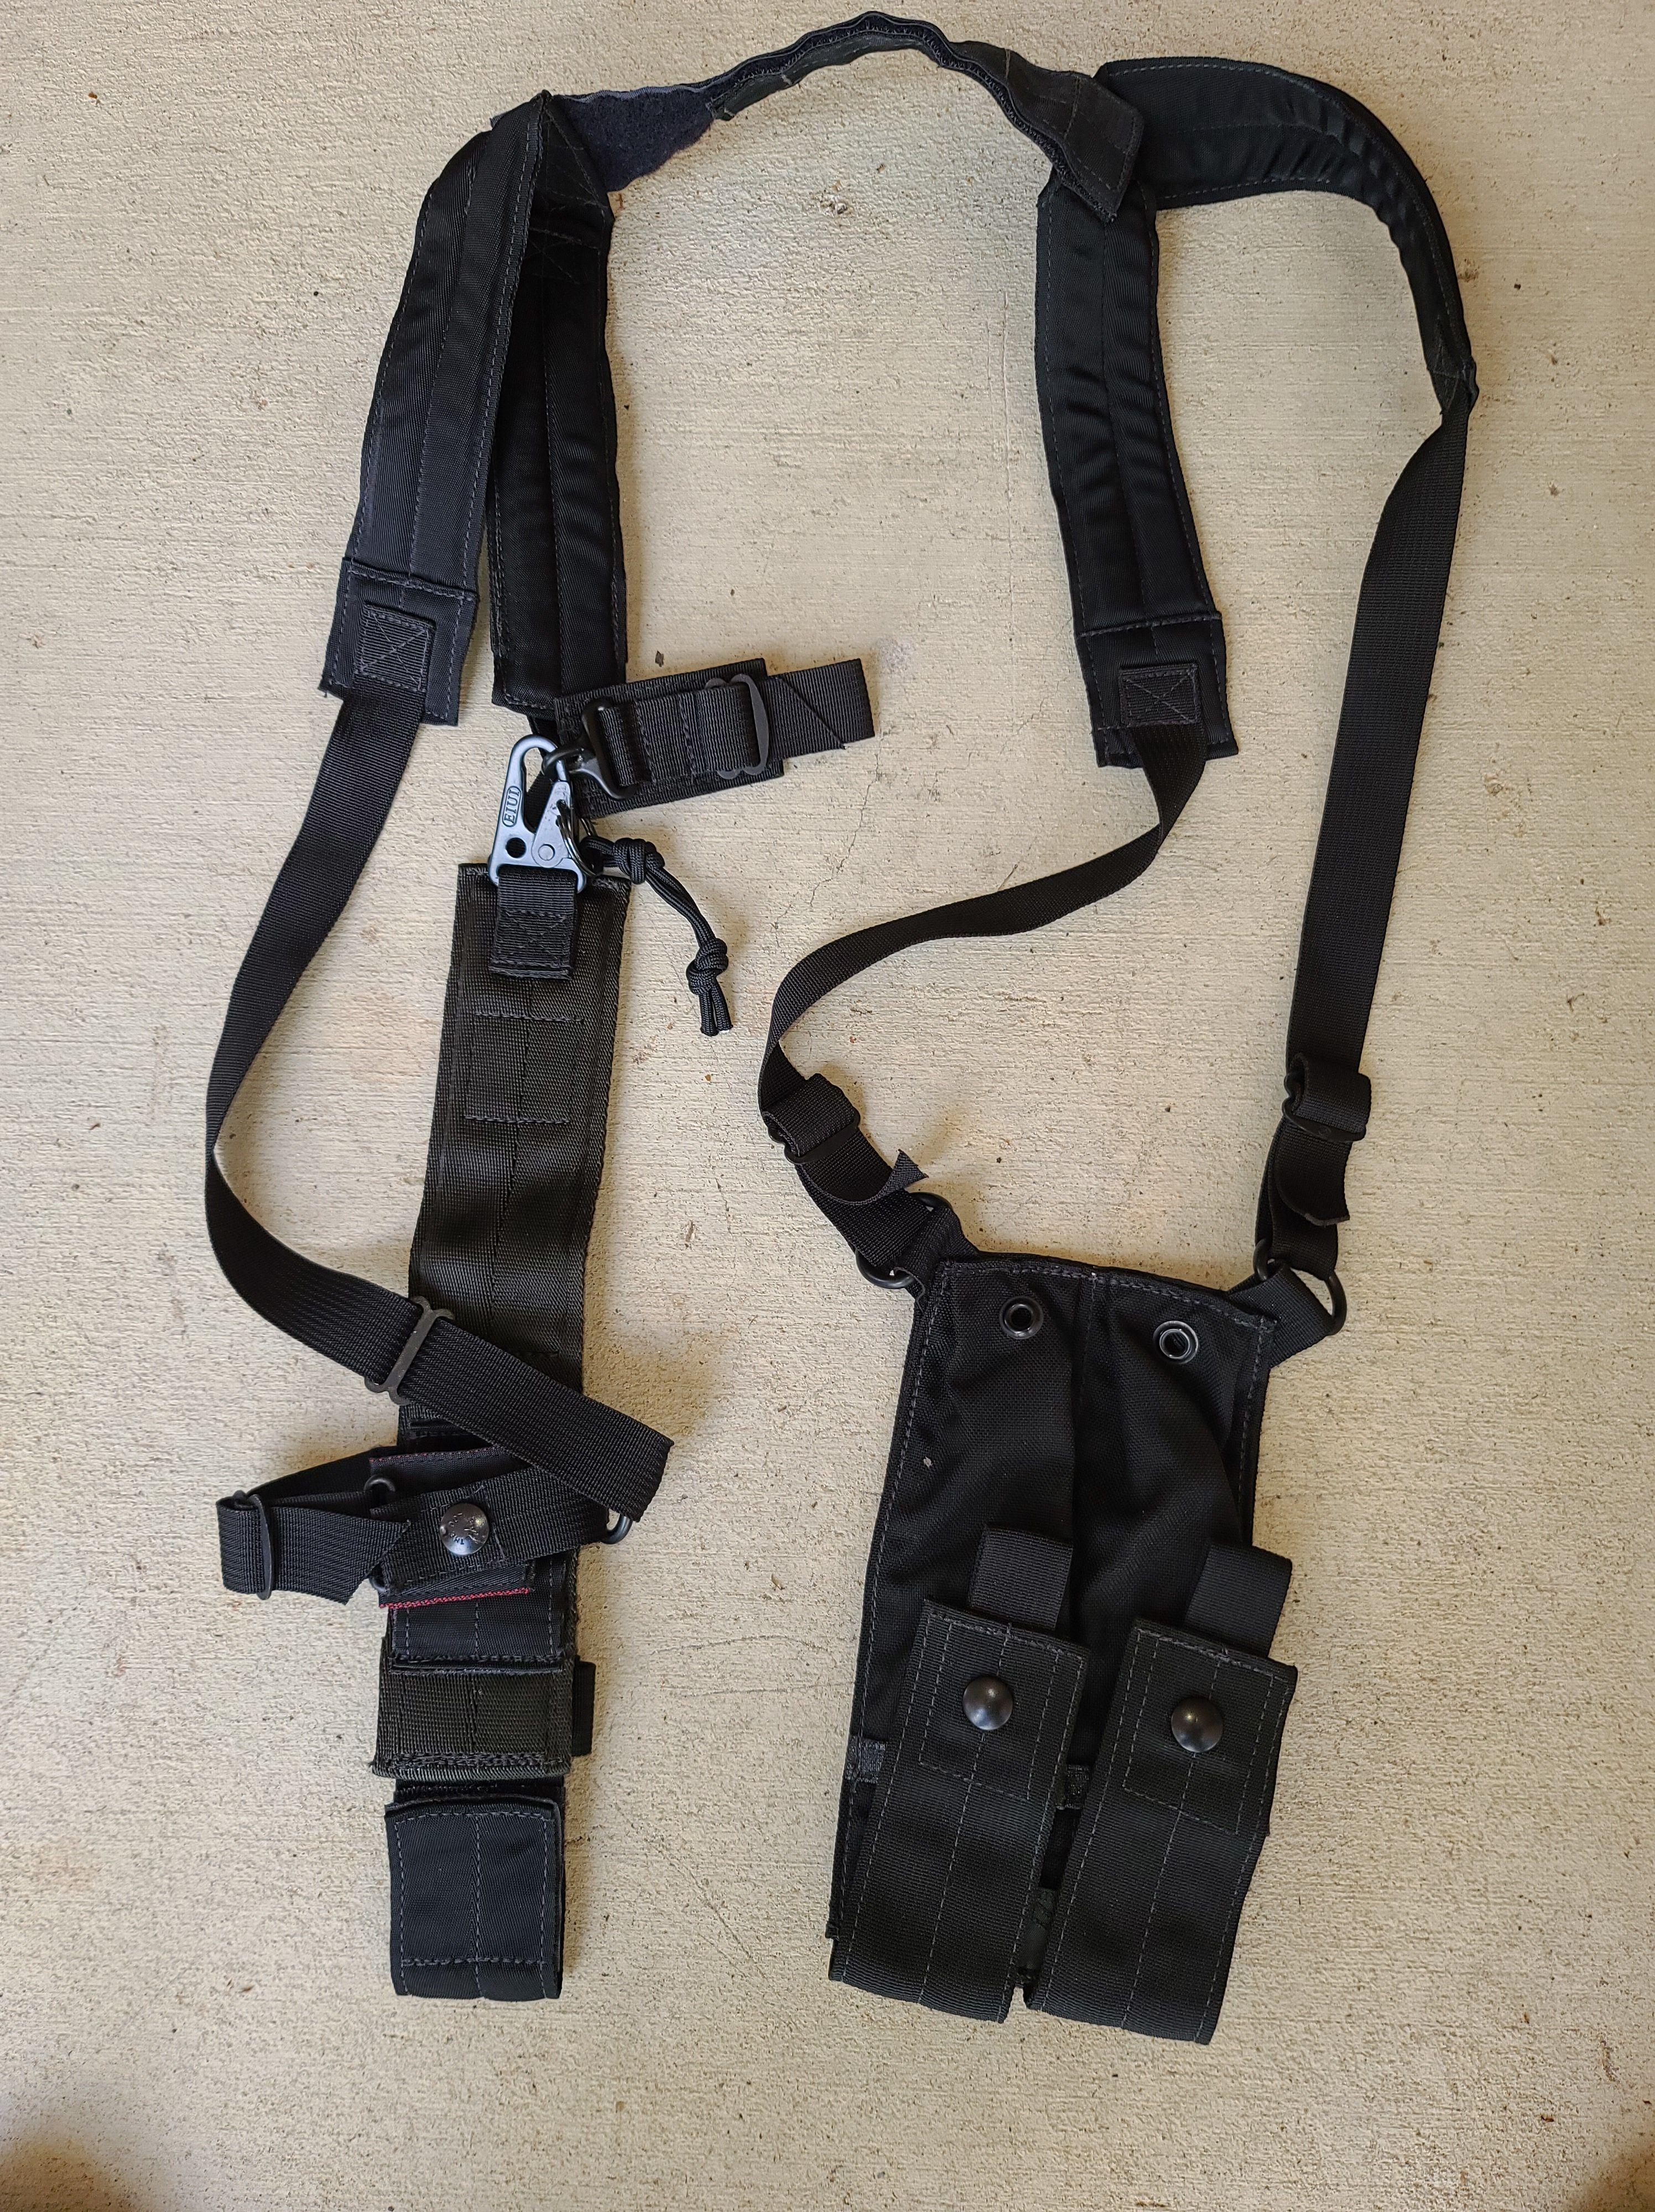 SOLD: new, rare Eagle MP5K SP89 SP5K shoulder harness rig-3ojqxi.jpg